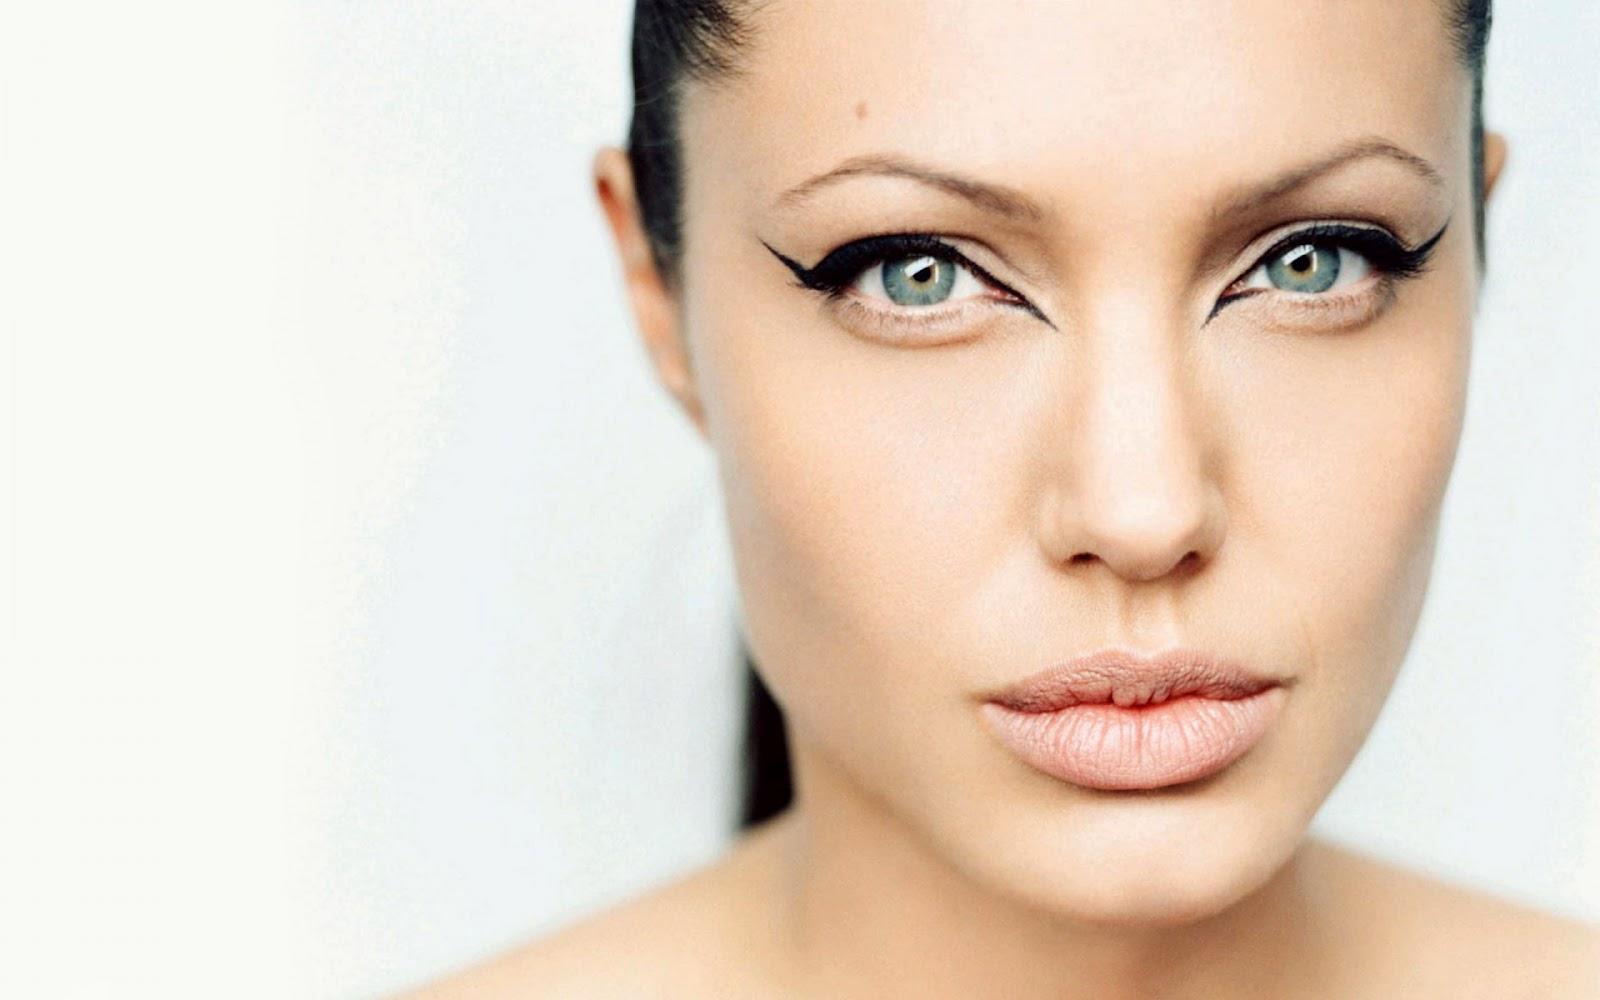 http://4.bp.blogspot.com/-ALscanBhZSg/UBTmaj-SwrI/AAAAAAAAMdM/l_WgDeeNFmI/s1600/Angelina-Jolie-355.jpg